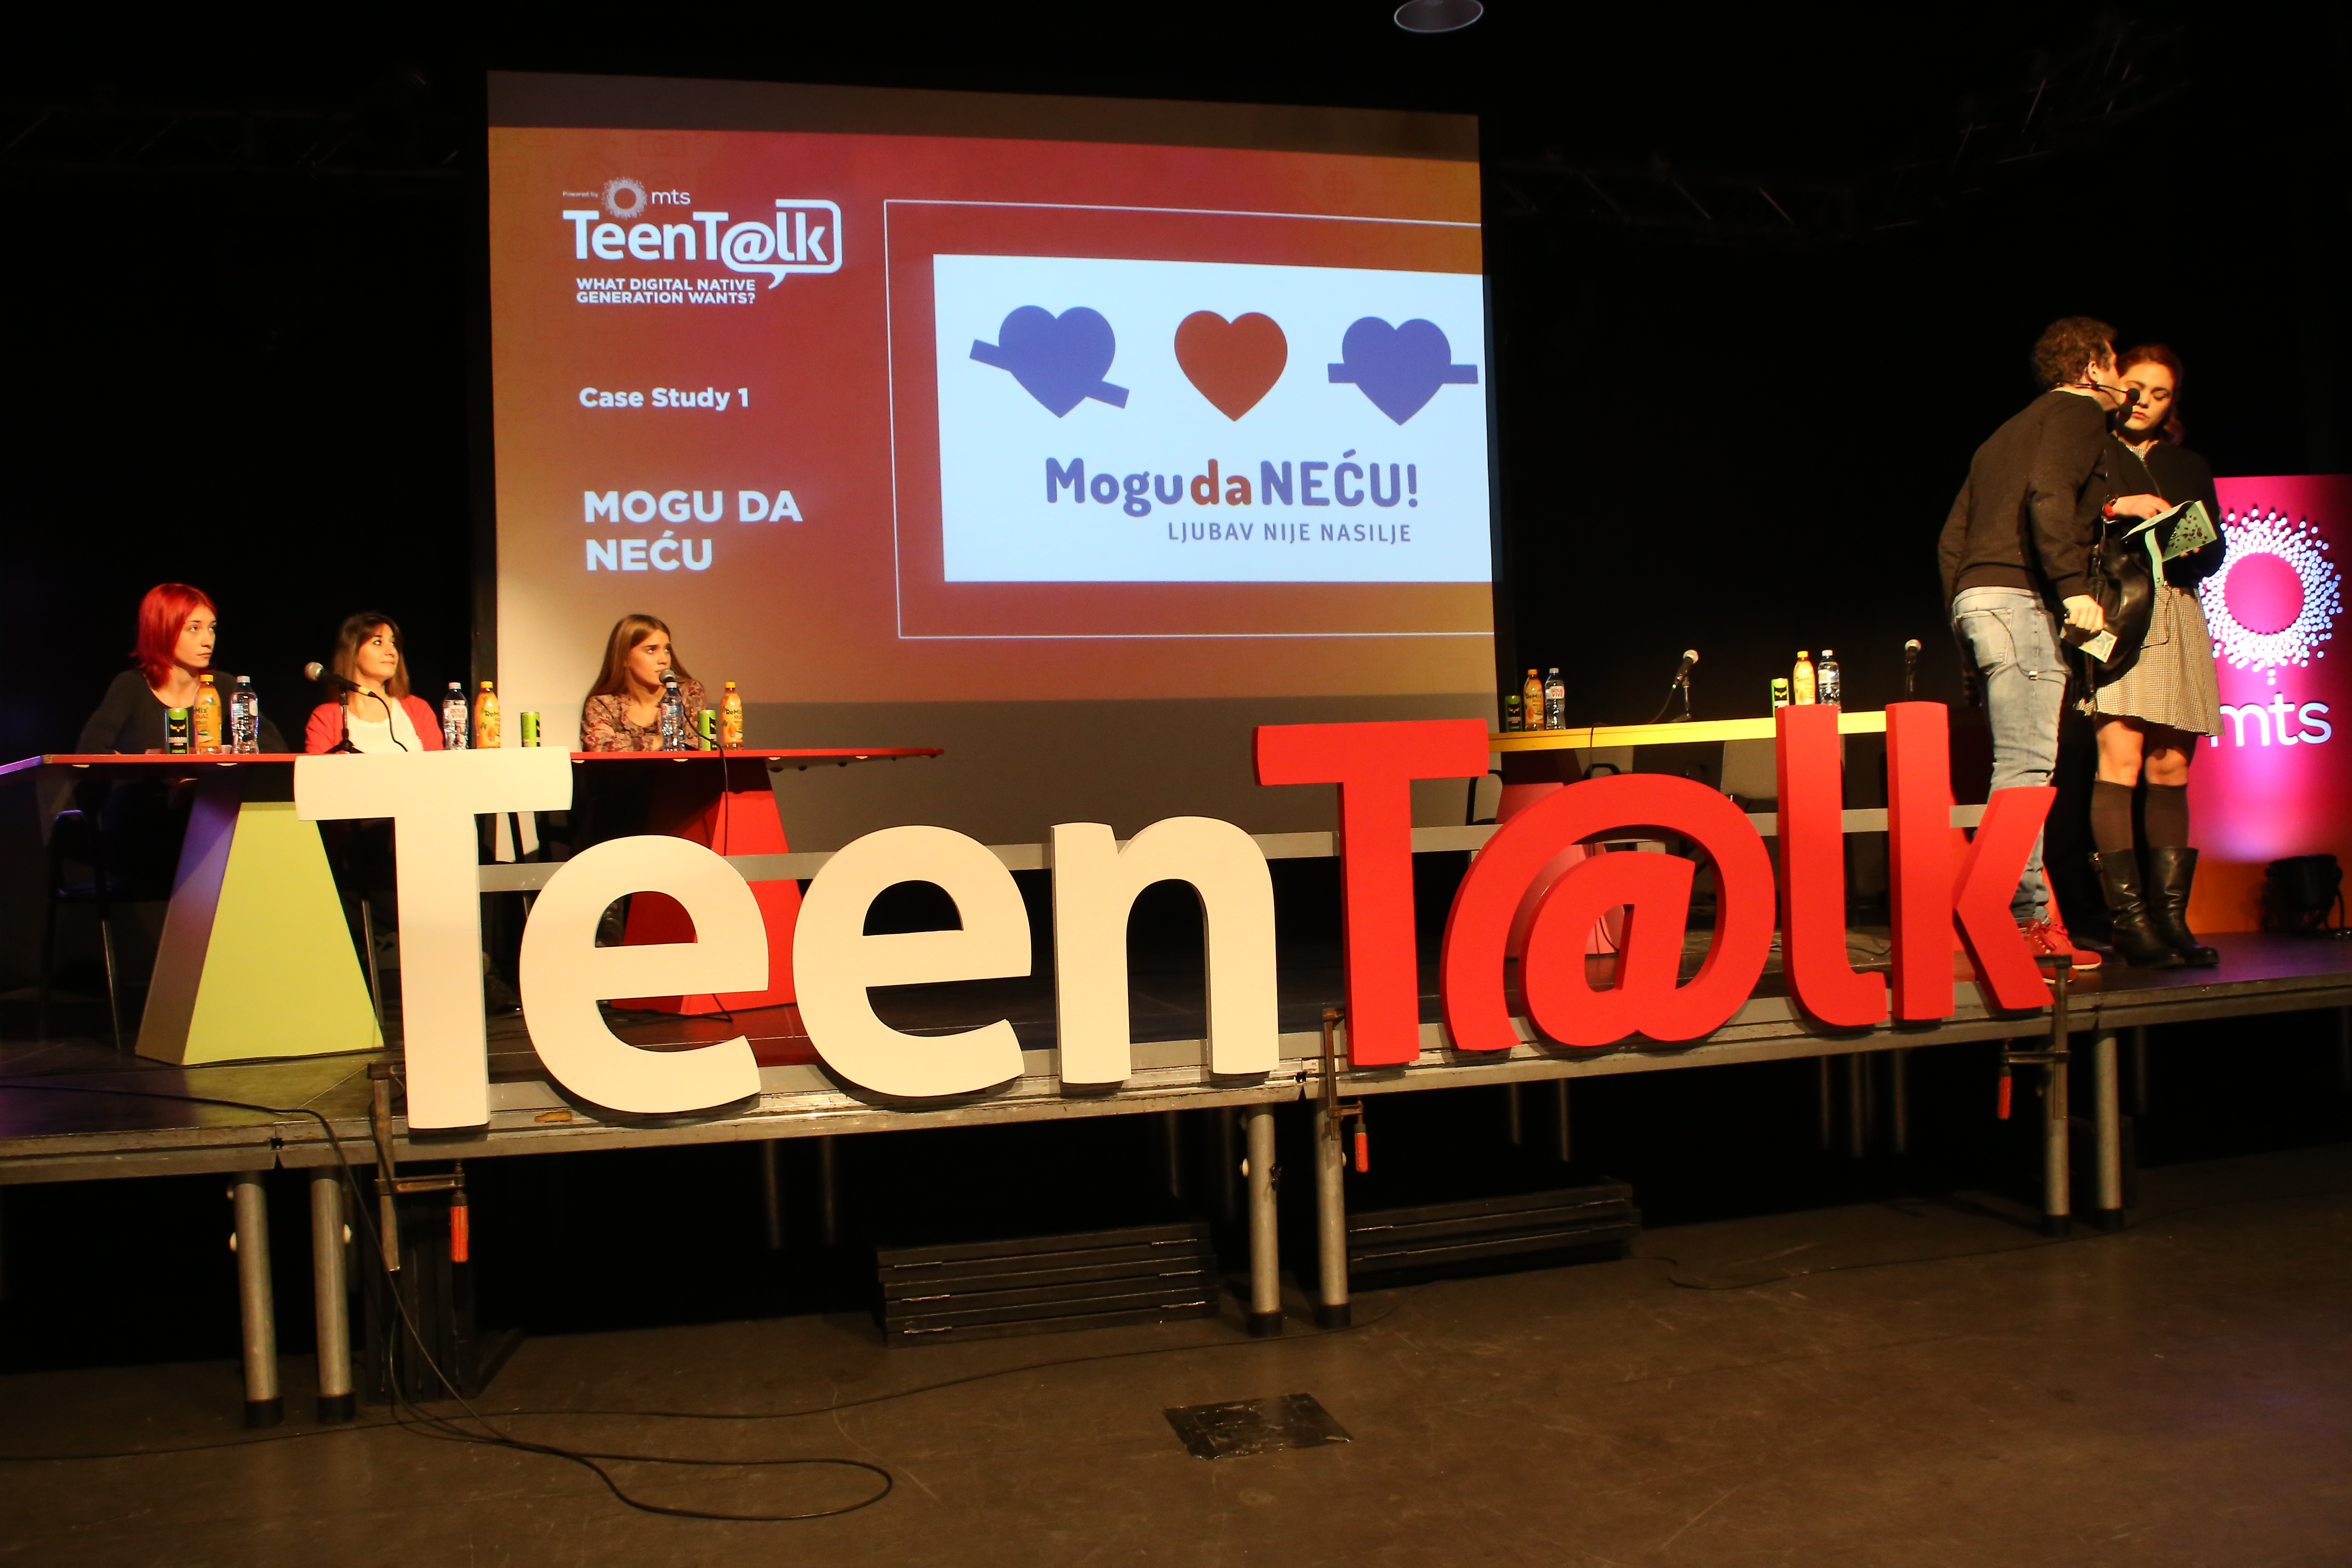 Pričali smo o kampanji Mogu da neću na Teen Talk 2017